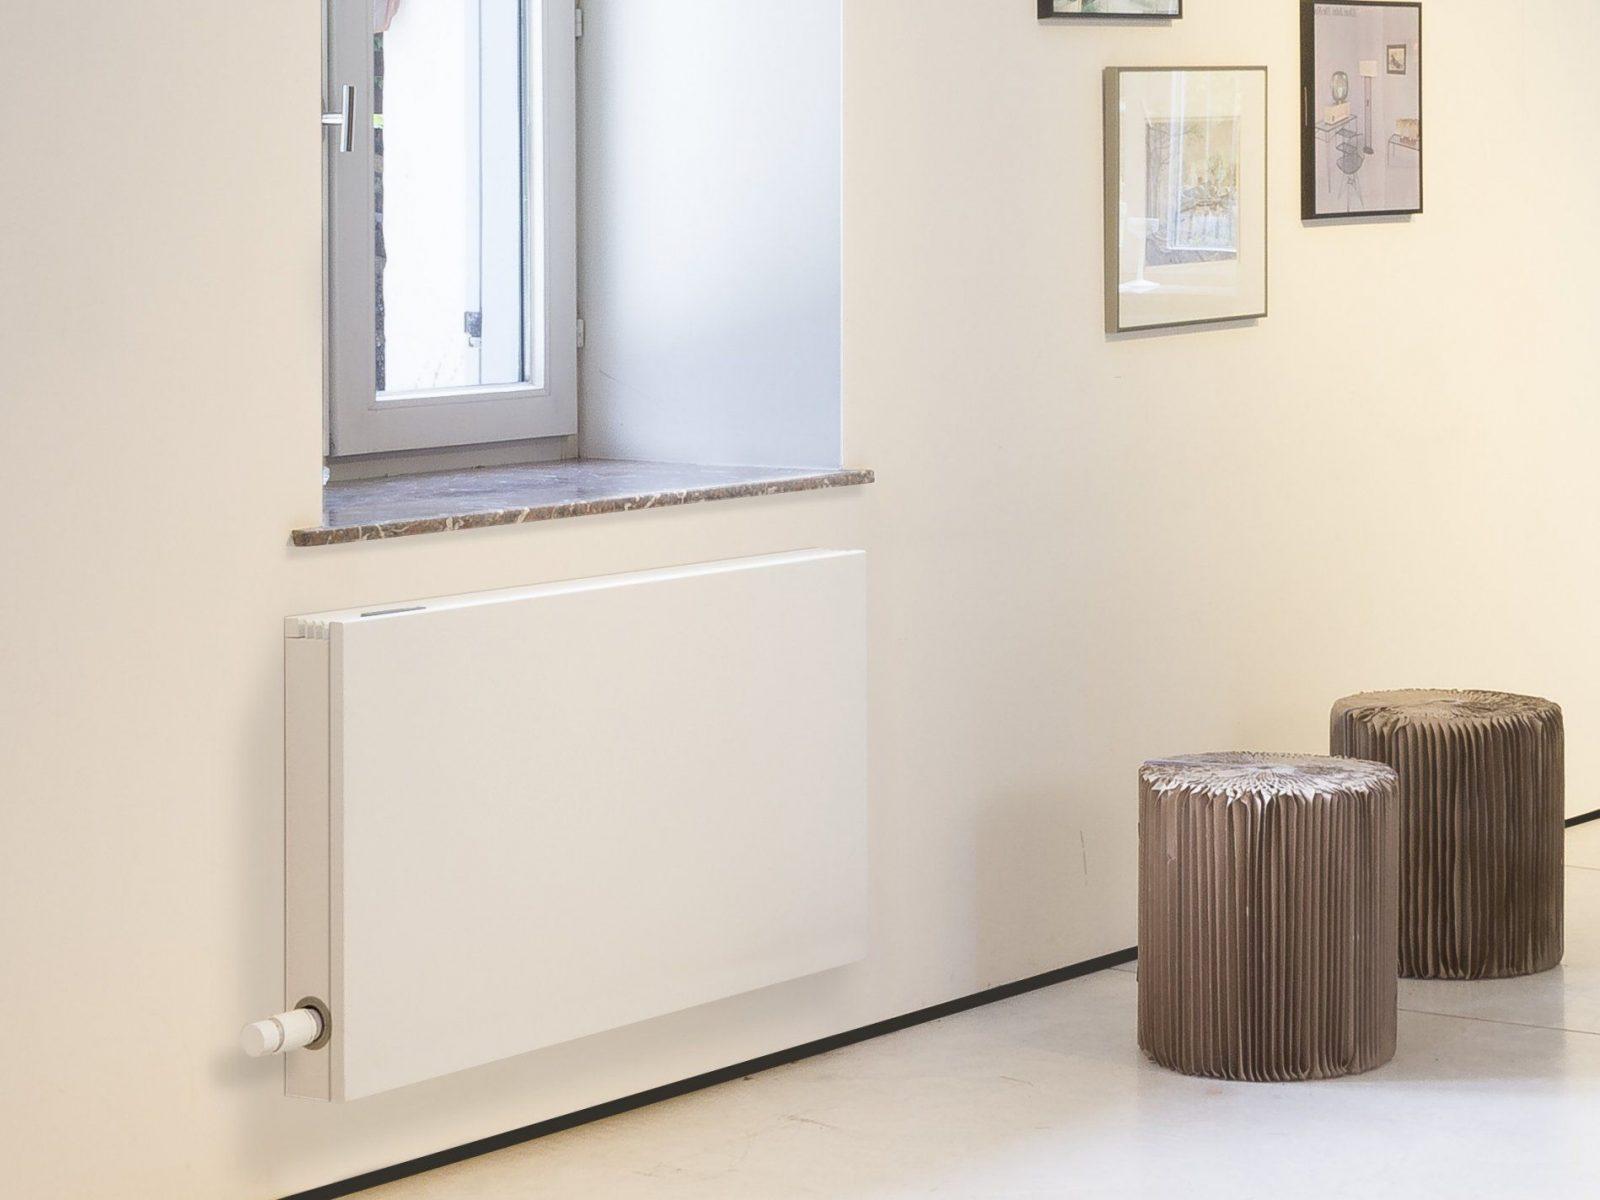 Moderne Heizkörper Für Wohnzimmer Haus Design Ideen